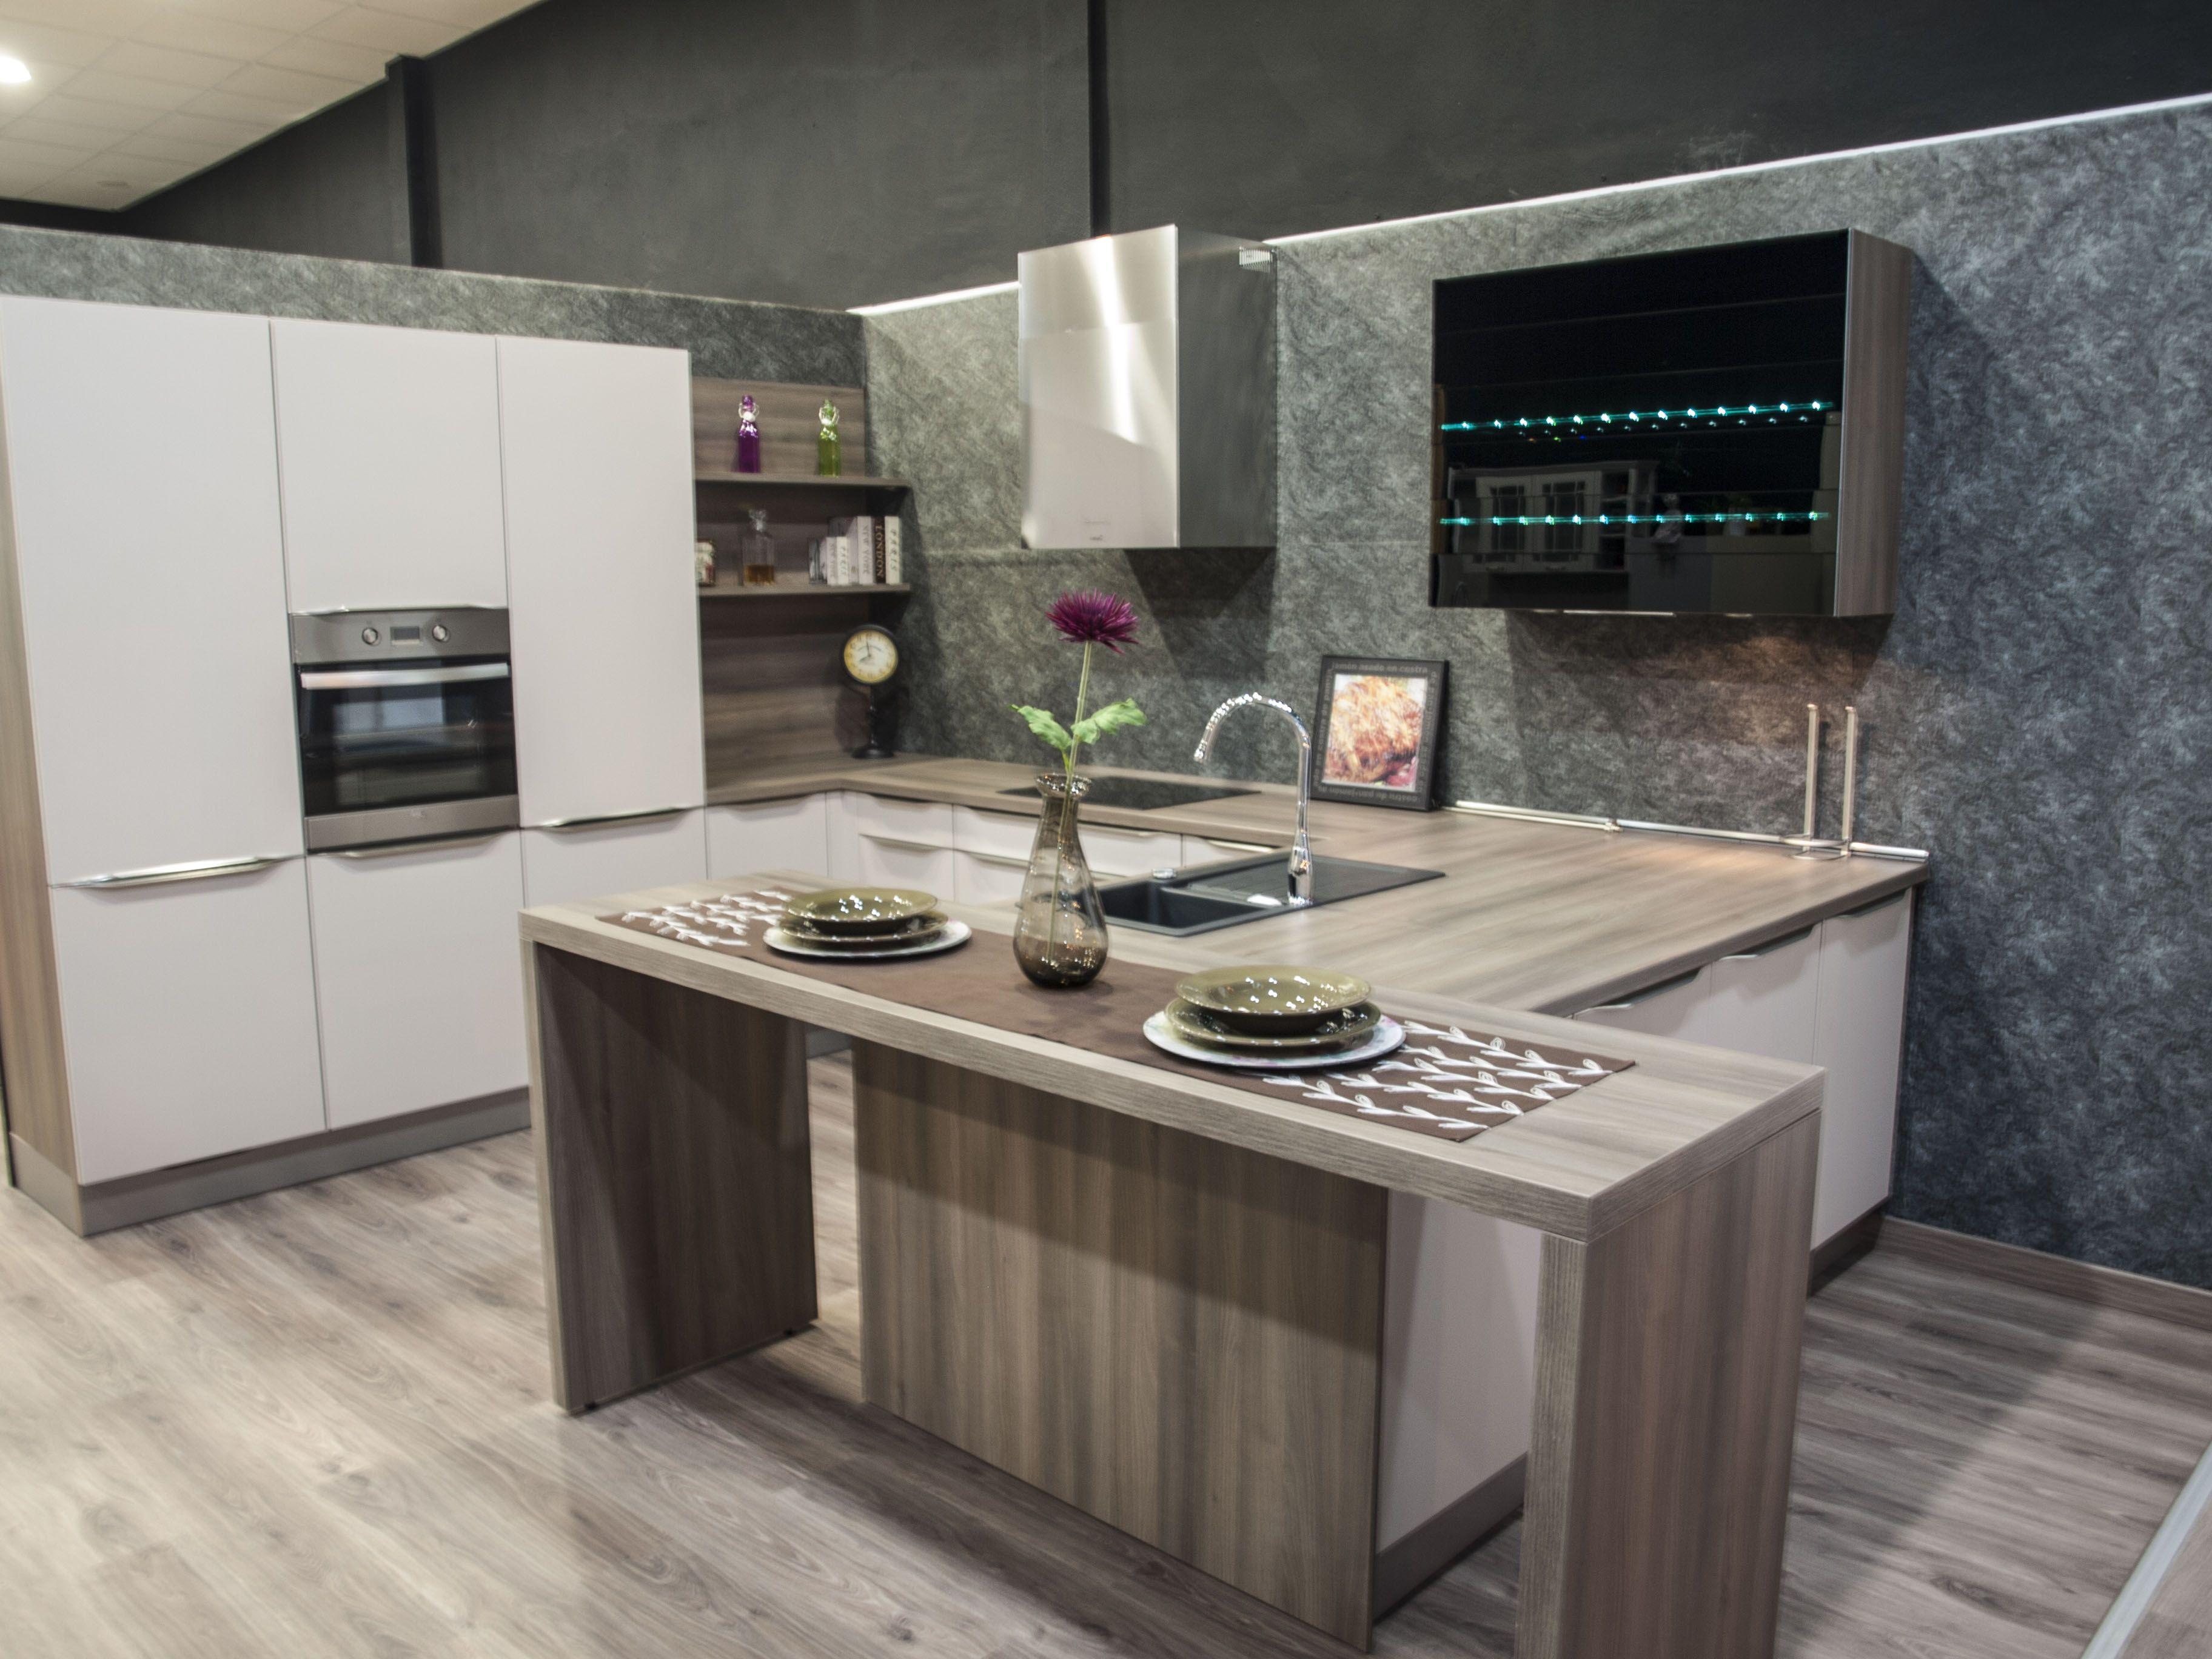 Cocinas kuchenhouse k chenhouse plasencia cocinas for Muebles de cocina alemanes